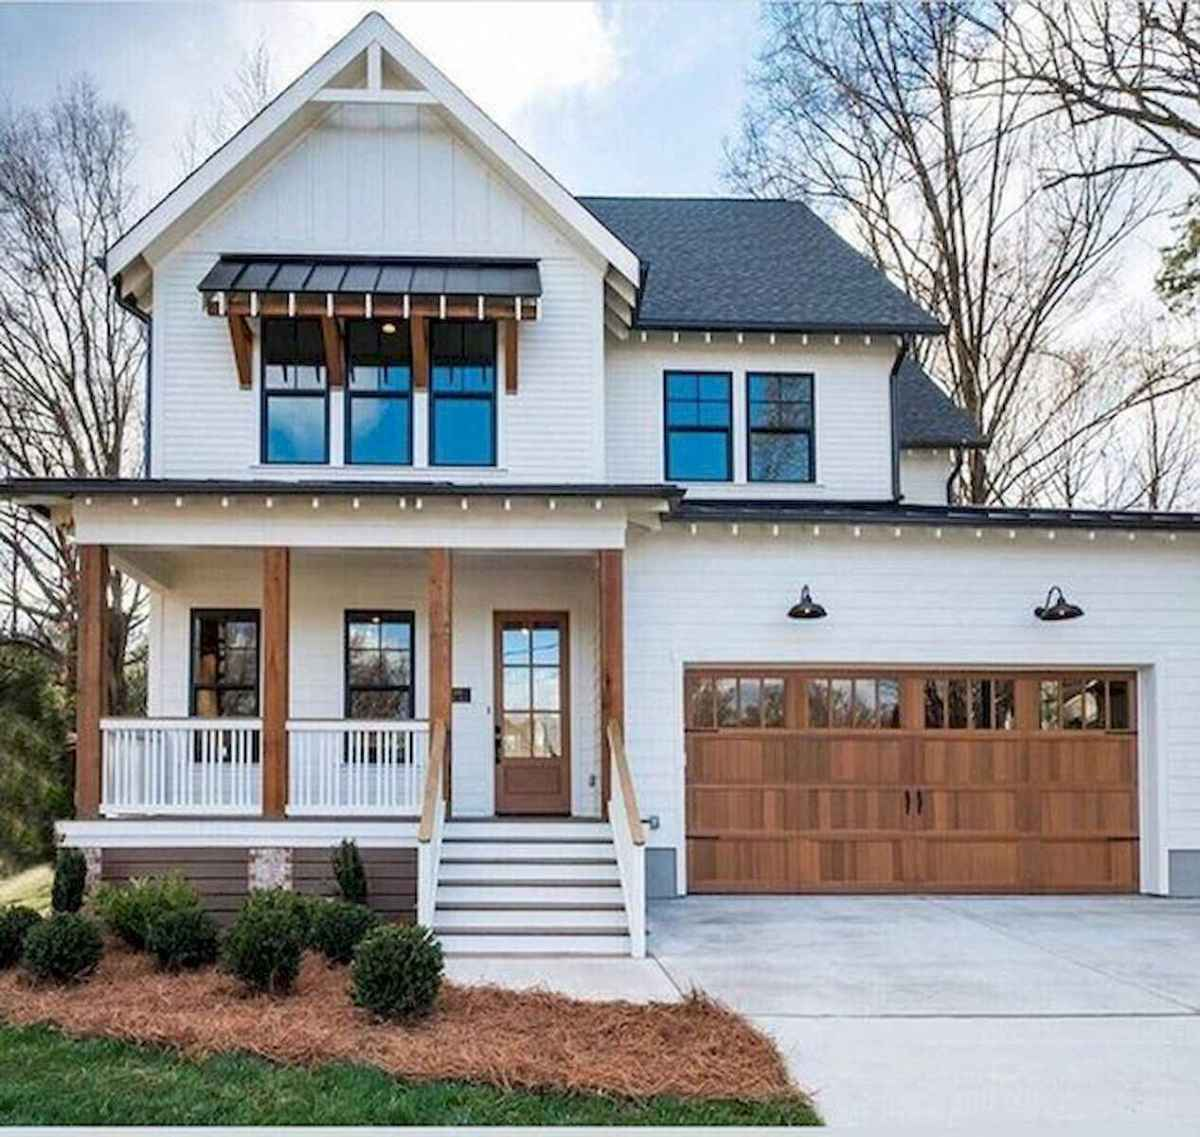 40 Stunning White Farmhouse Exterior Design Ideas (16)